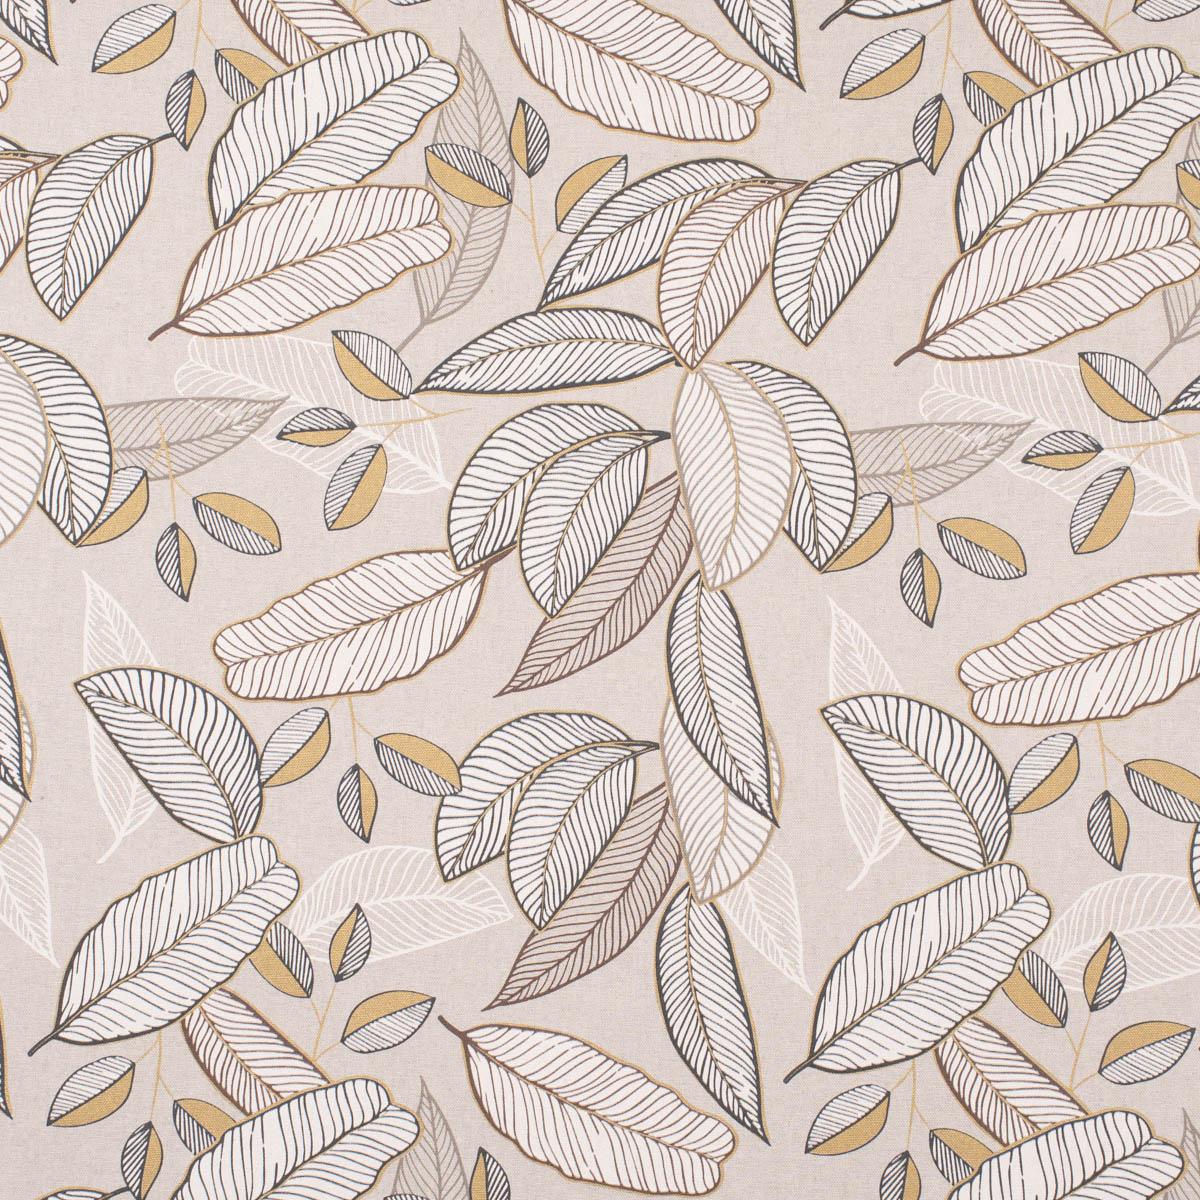 Dekostoff Halb-Panama Neflier Blätter abstrakt natur gold 155cm Breite